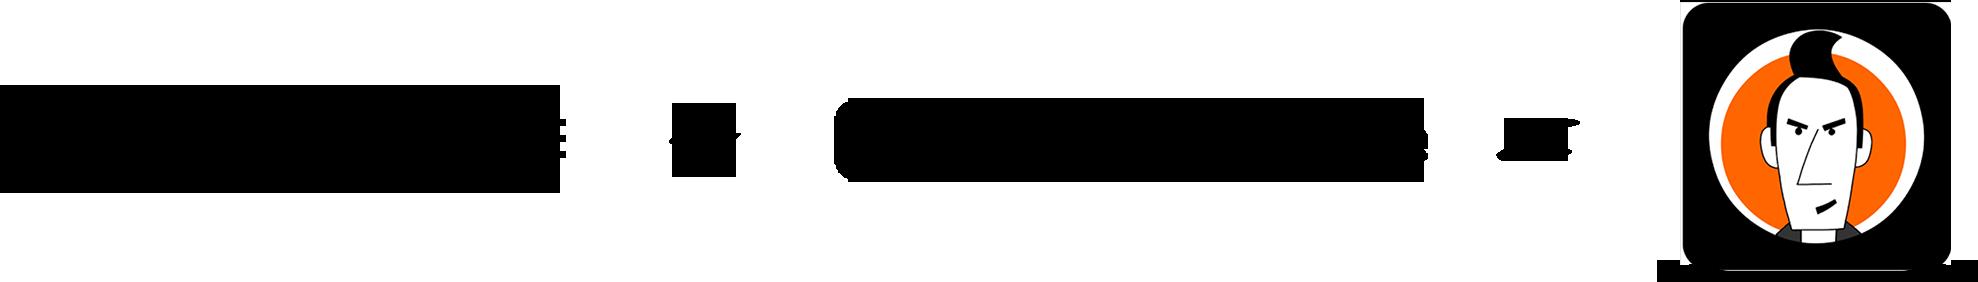 equastion